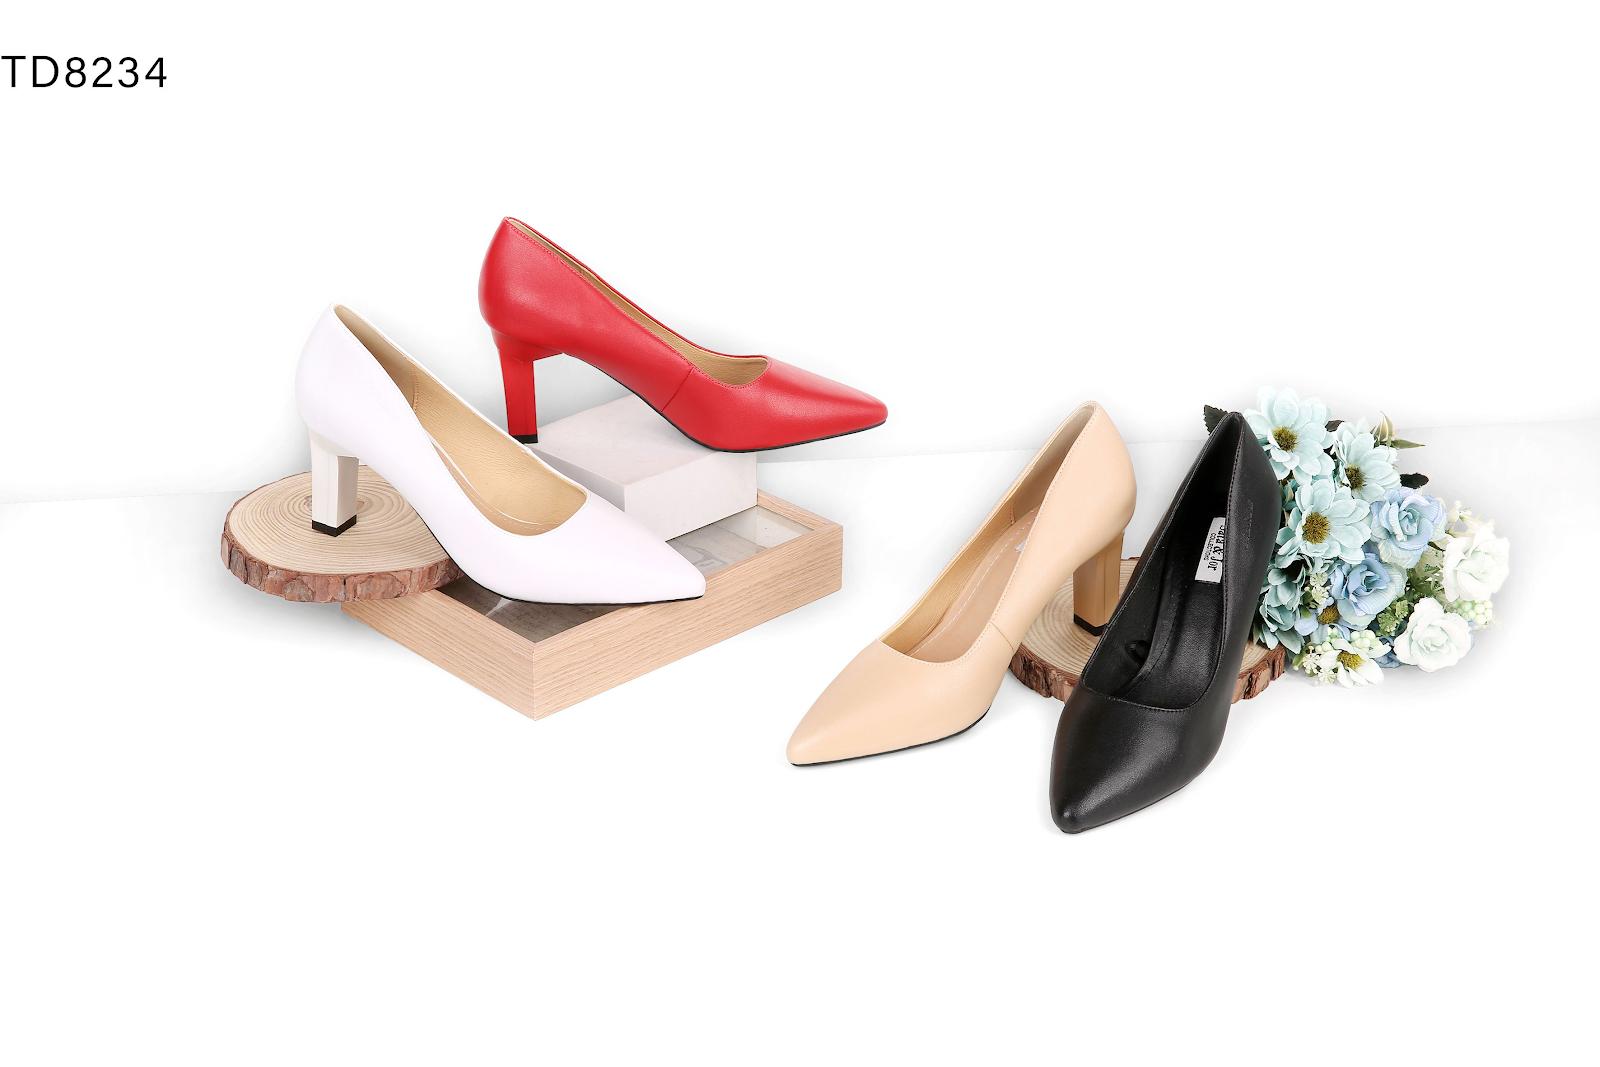 Các mẫu giày dép đa dạng hiện đại